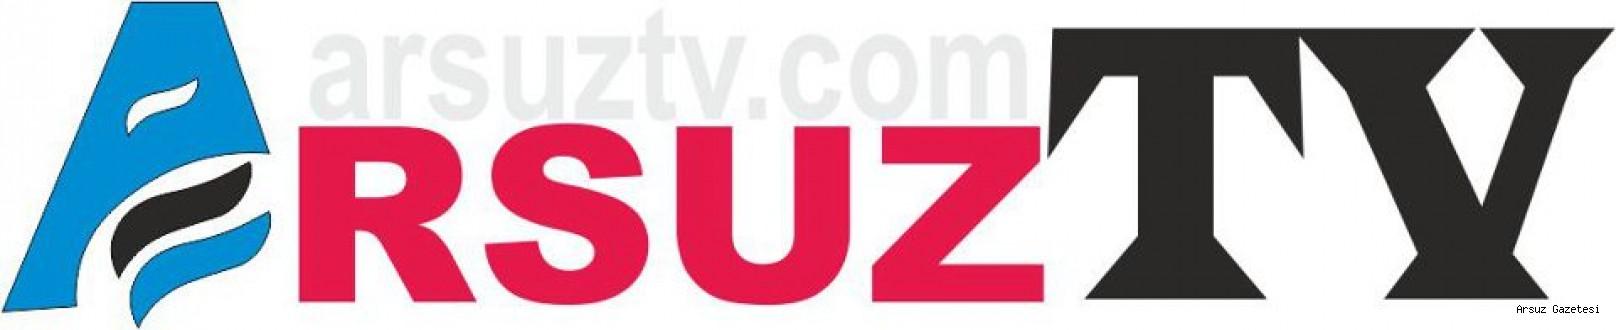 İlkler Yine Arsuz Ajans Tarafından ... Arsuz TV